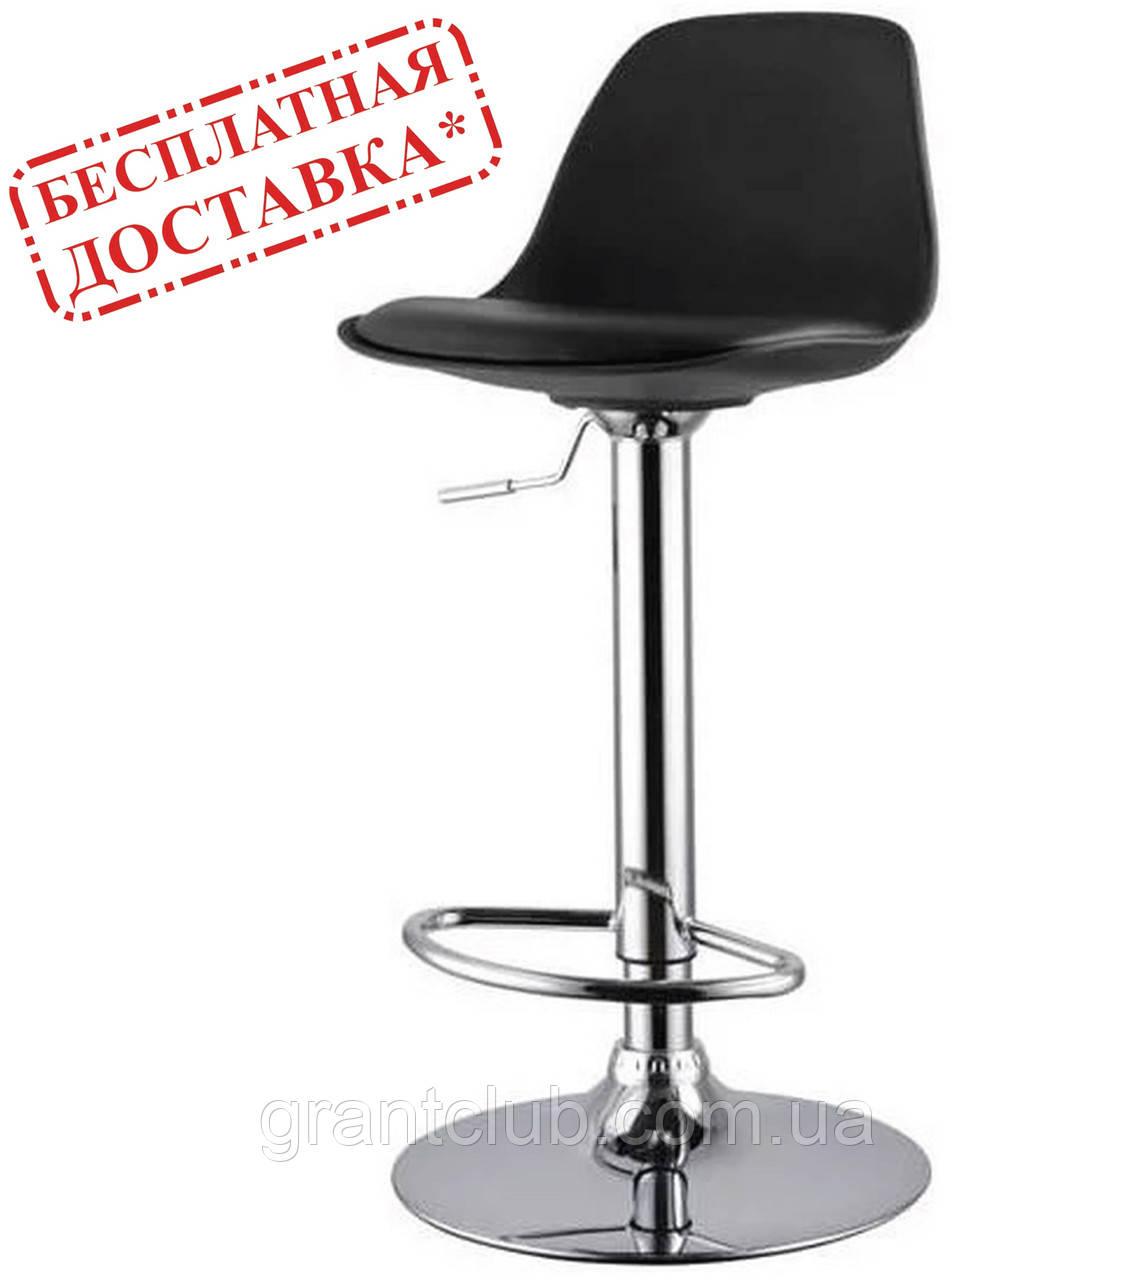 Стілець барний ТАУ Н чорний екокожа/пластик СДМ група (безкоштовна доставка)